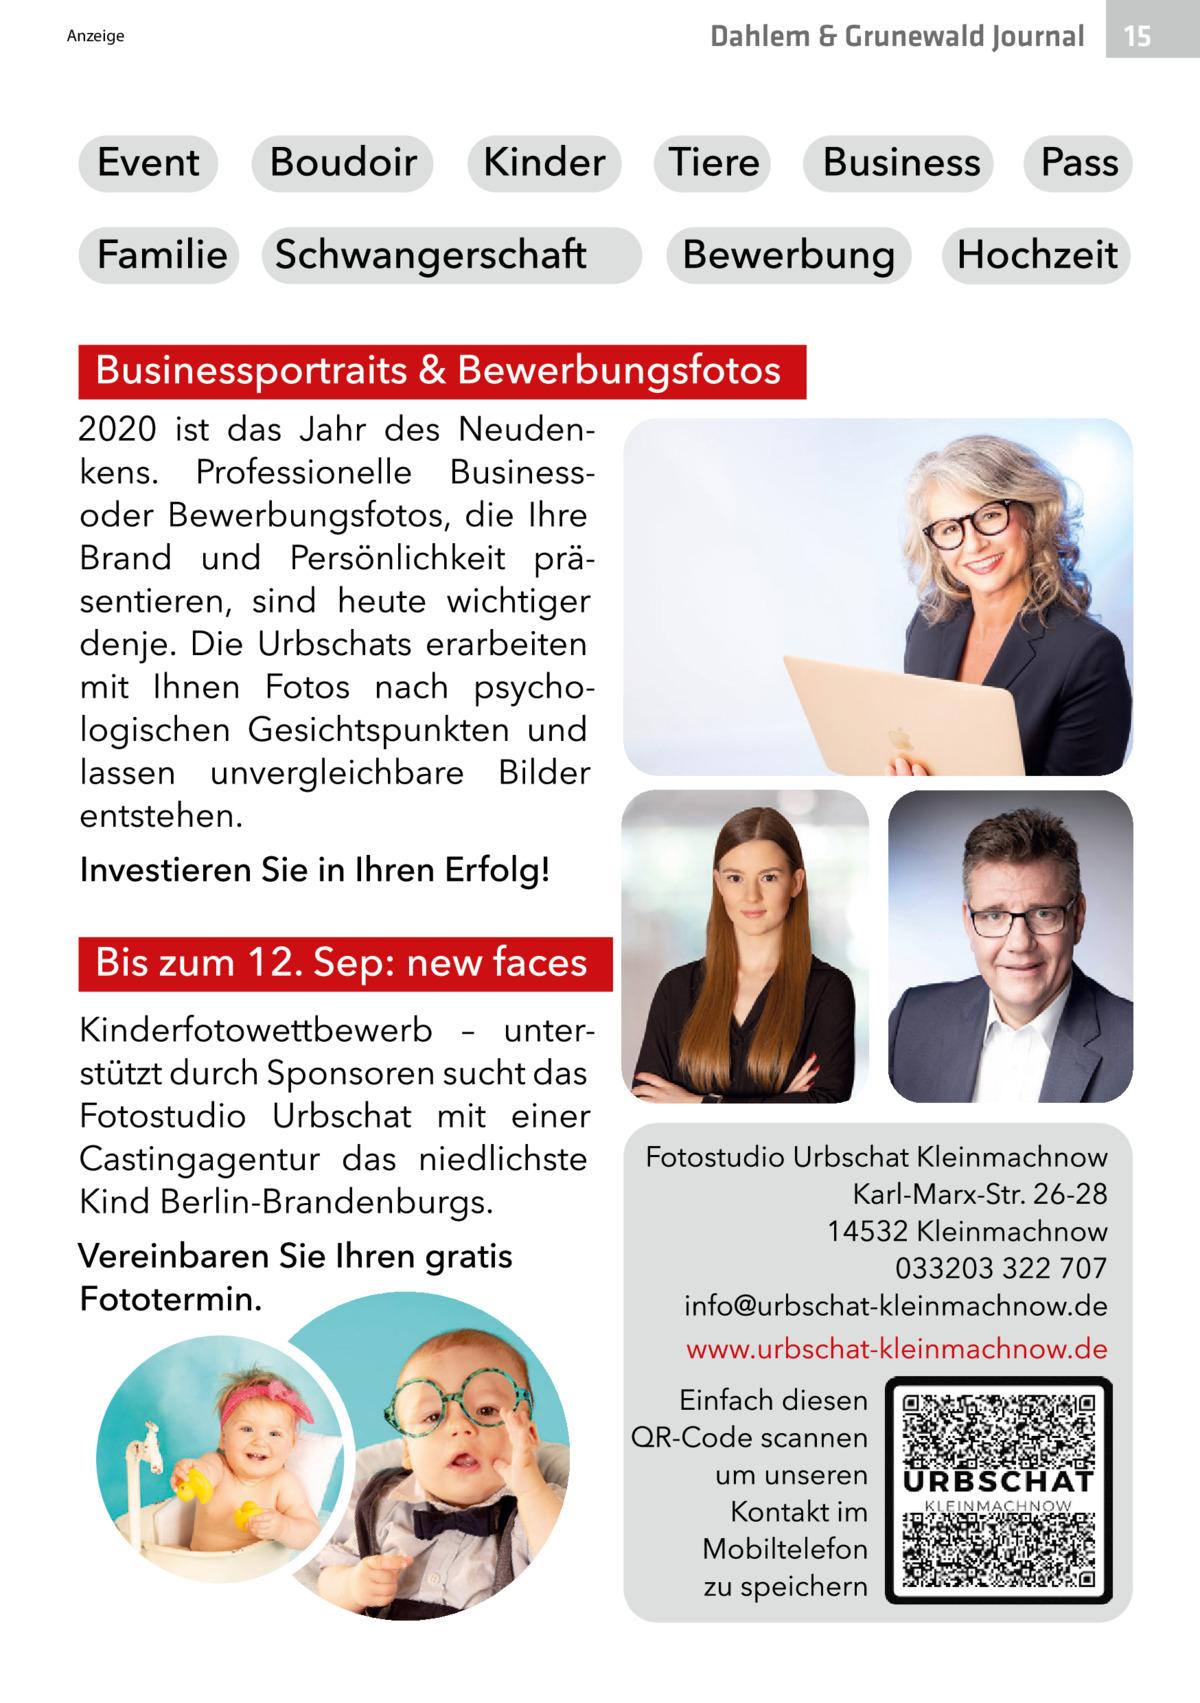 Anzeige  Dahlem & Grunewald Journal  15 15